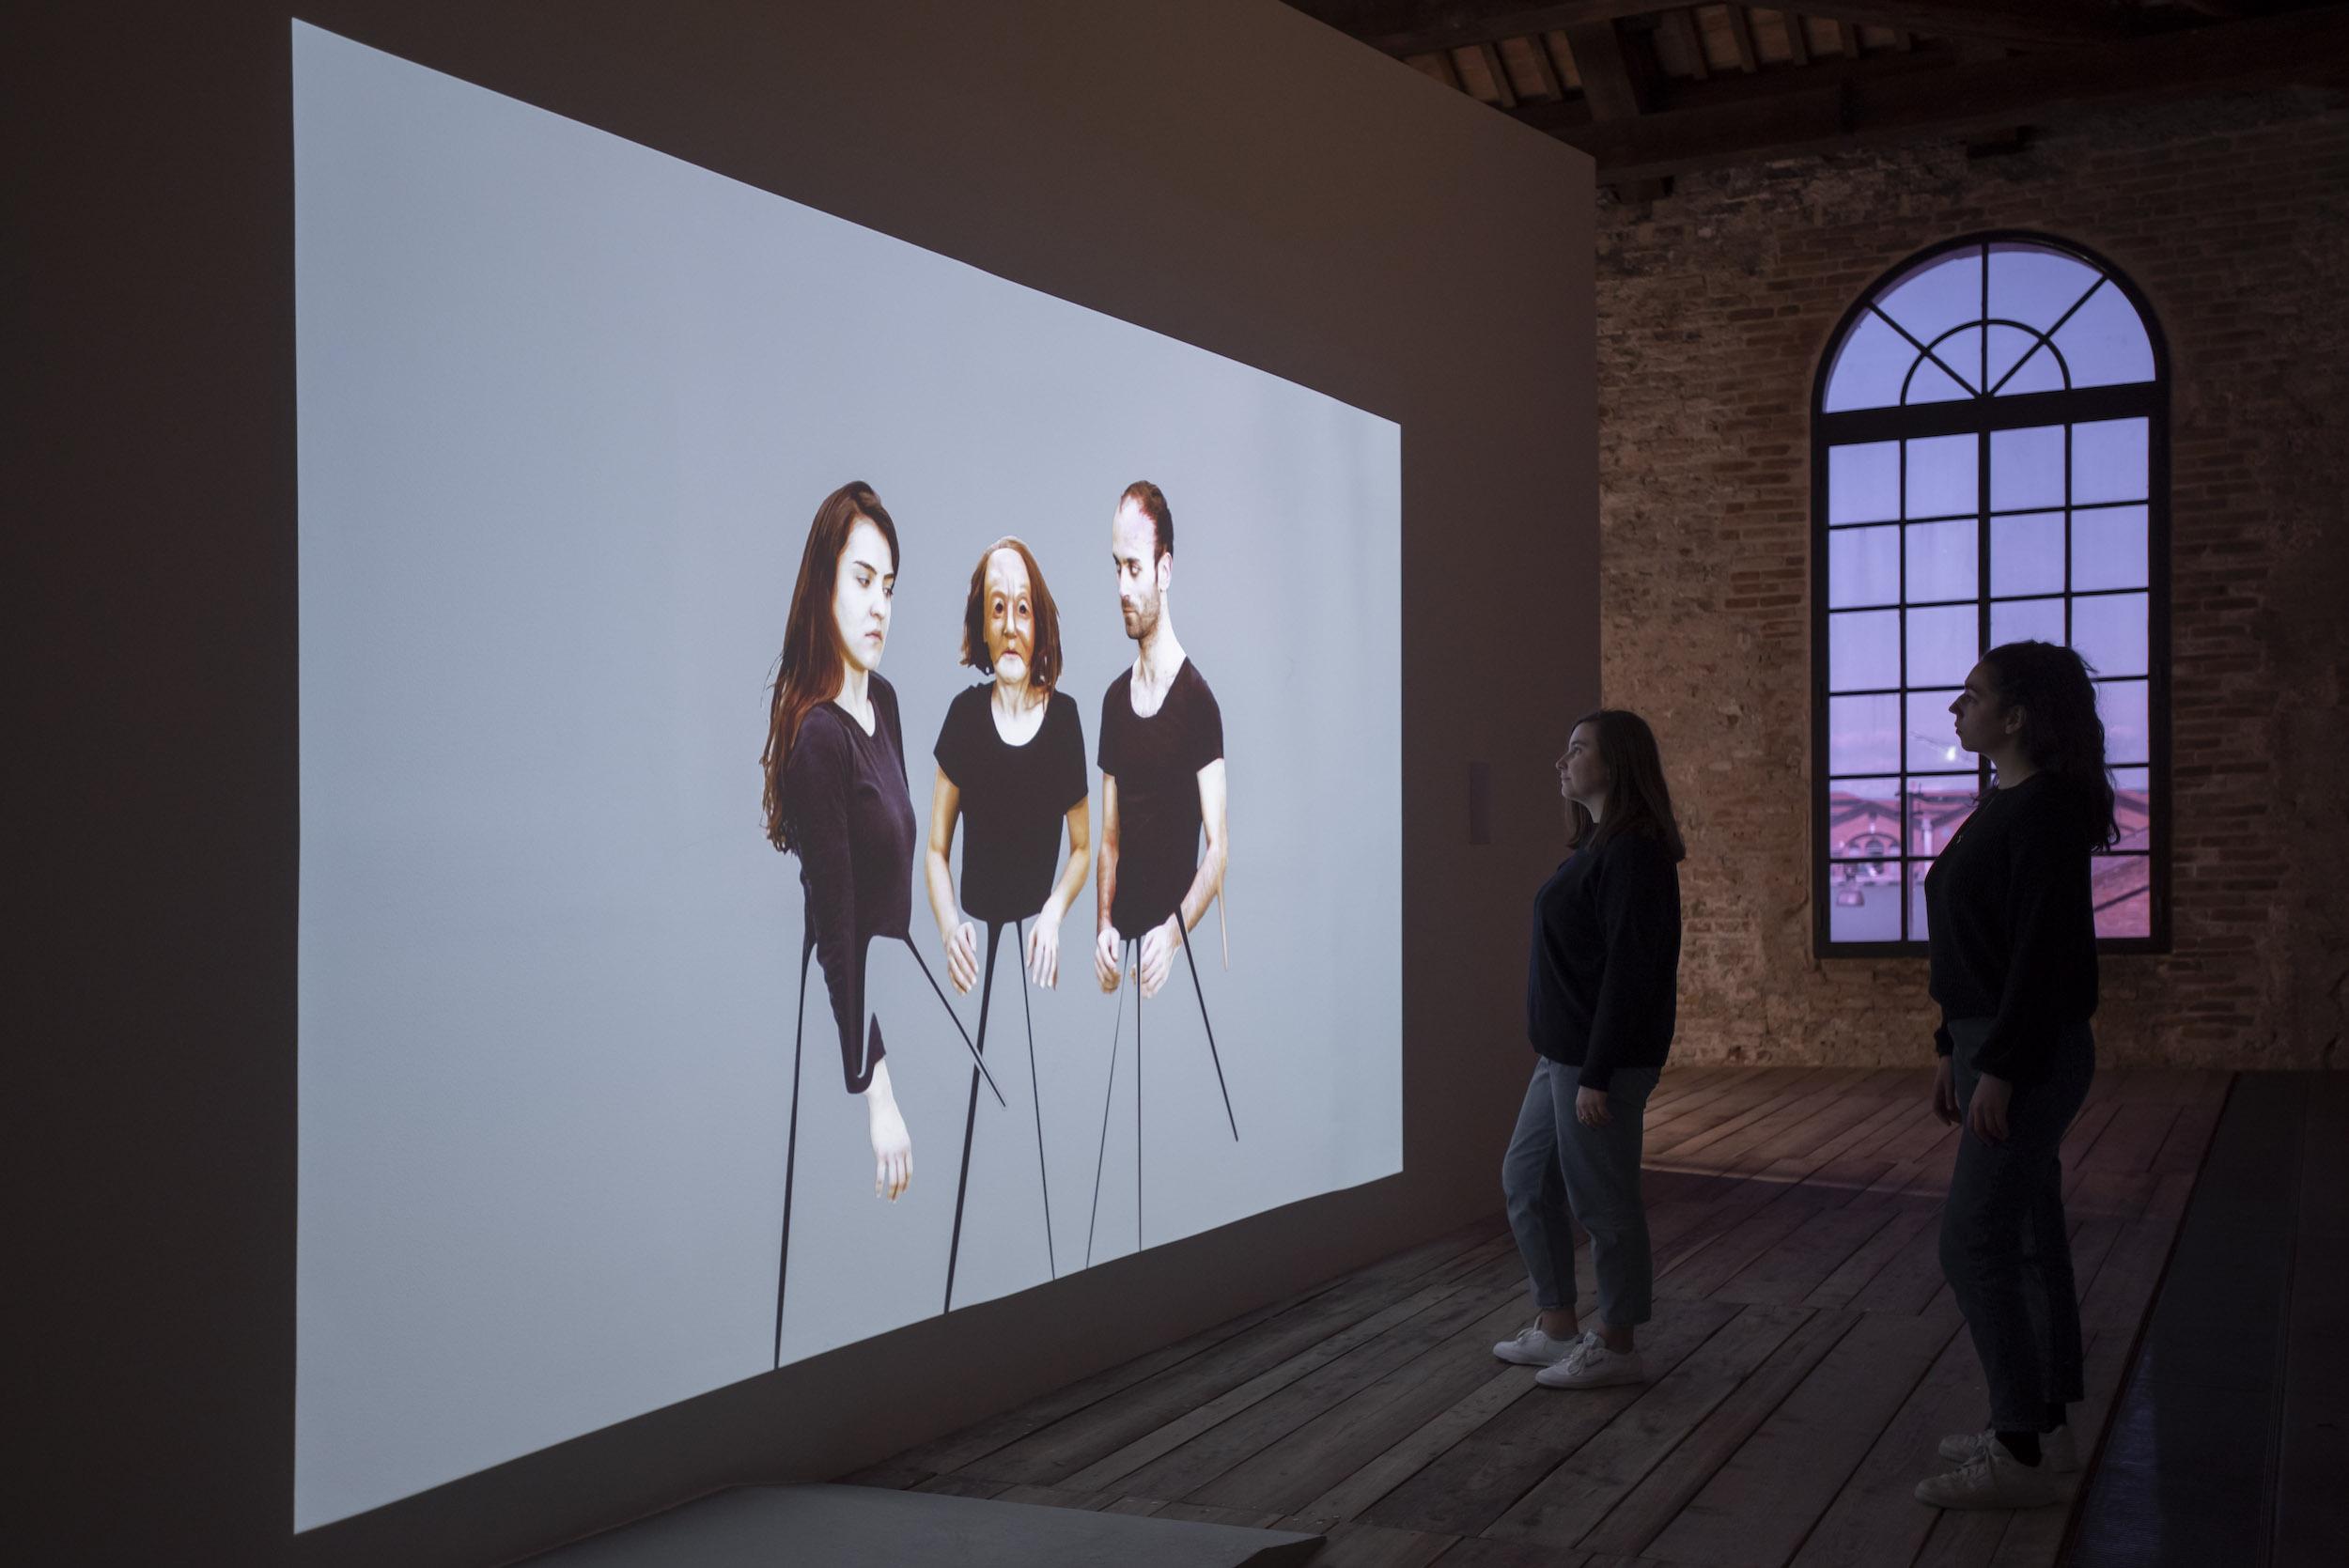 Tolga Tüzün'ün ses tasarımı Venedik Bienali 58'inci Uluslararası Sanat Sergisi'nde